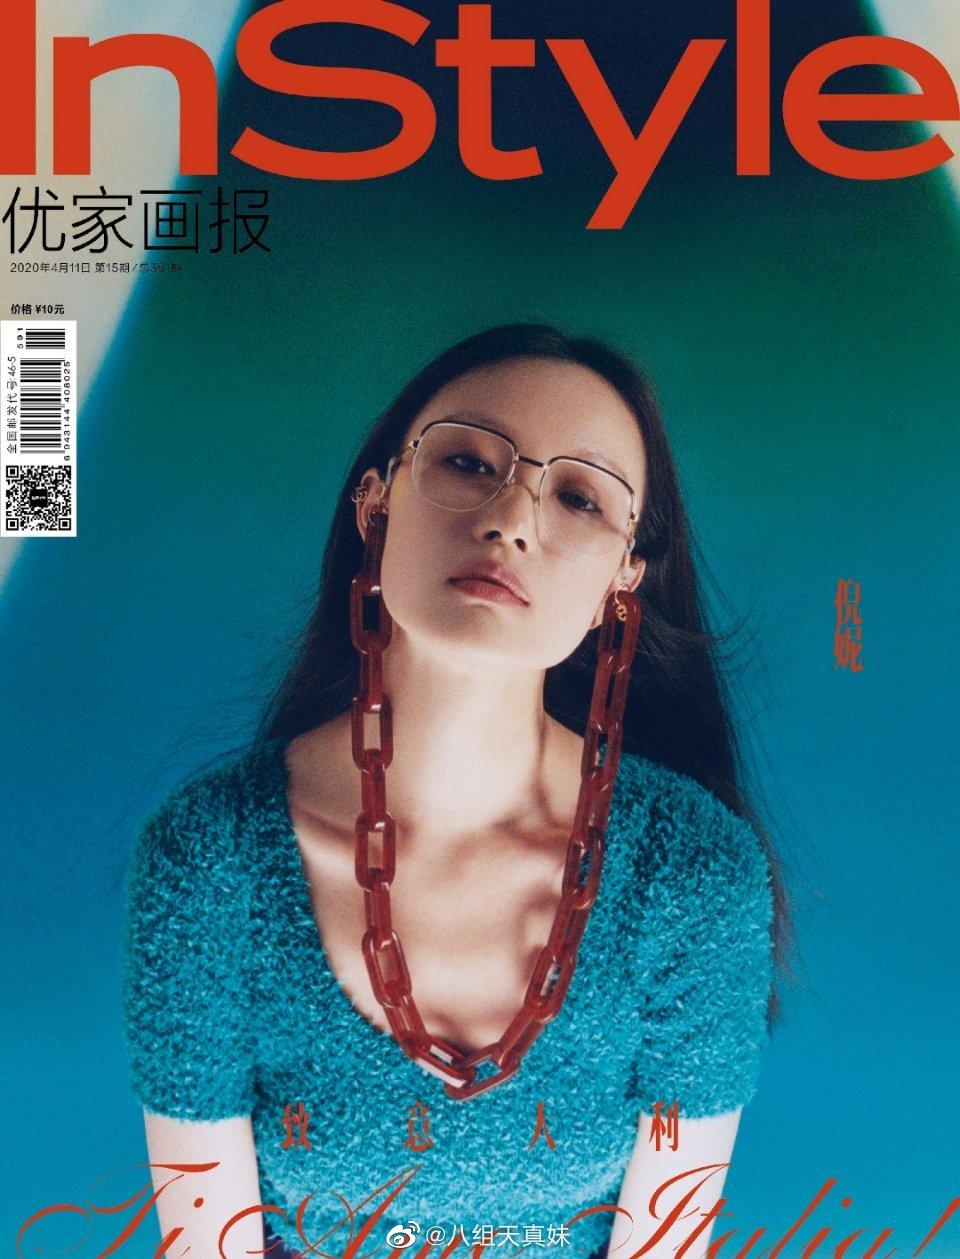 三位85花今天都发了4月封面大片,刘亦菲/嘉人,倪妮/优家画报